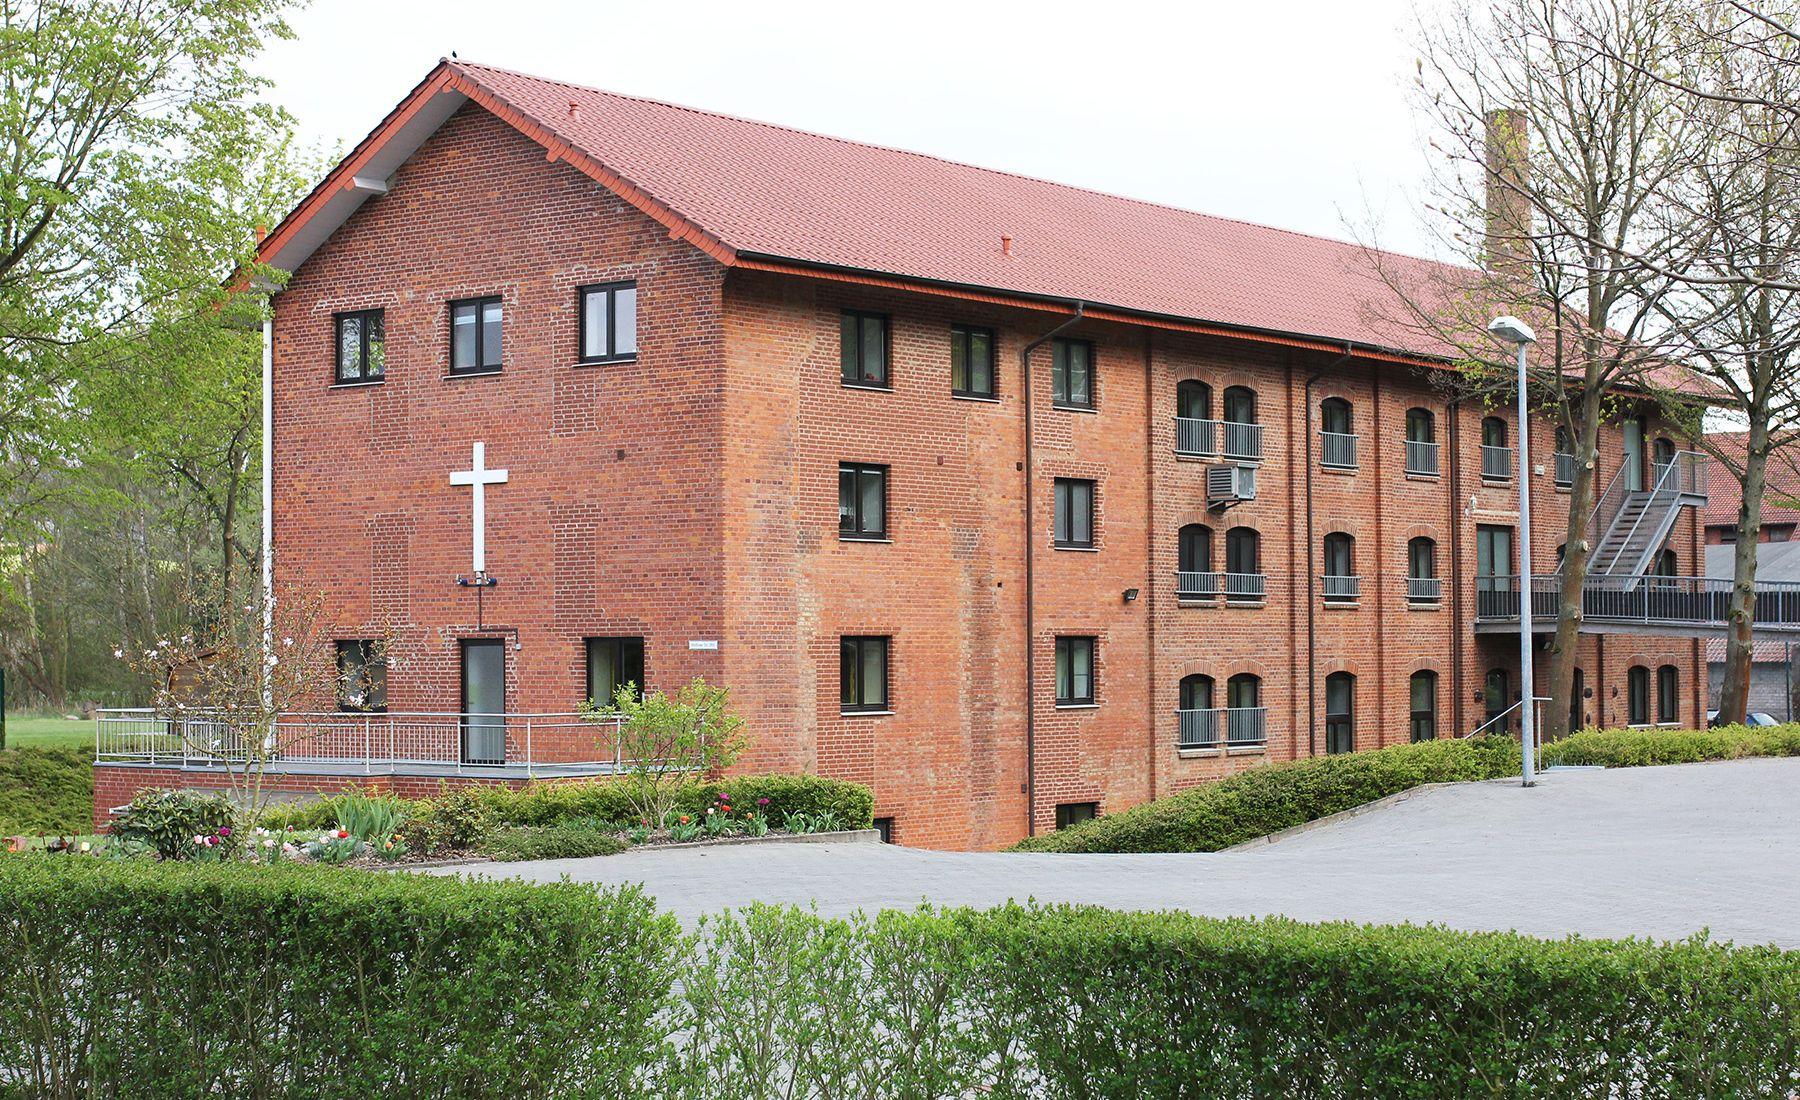 Gemeinde Bad Oeynhausen